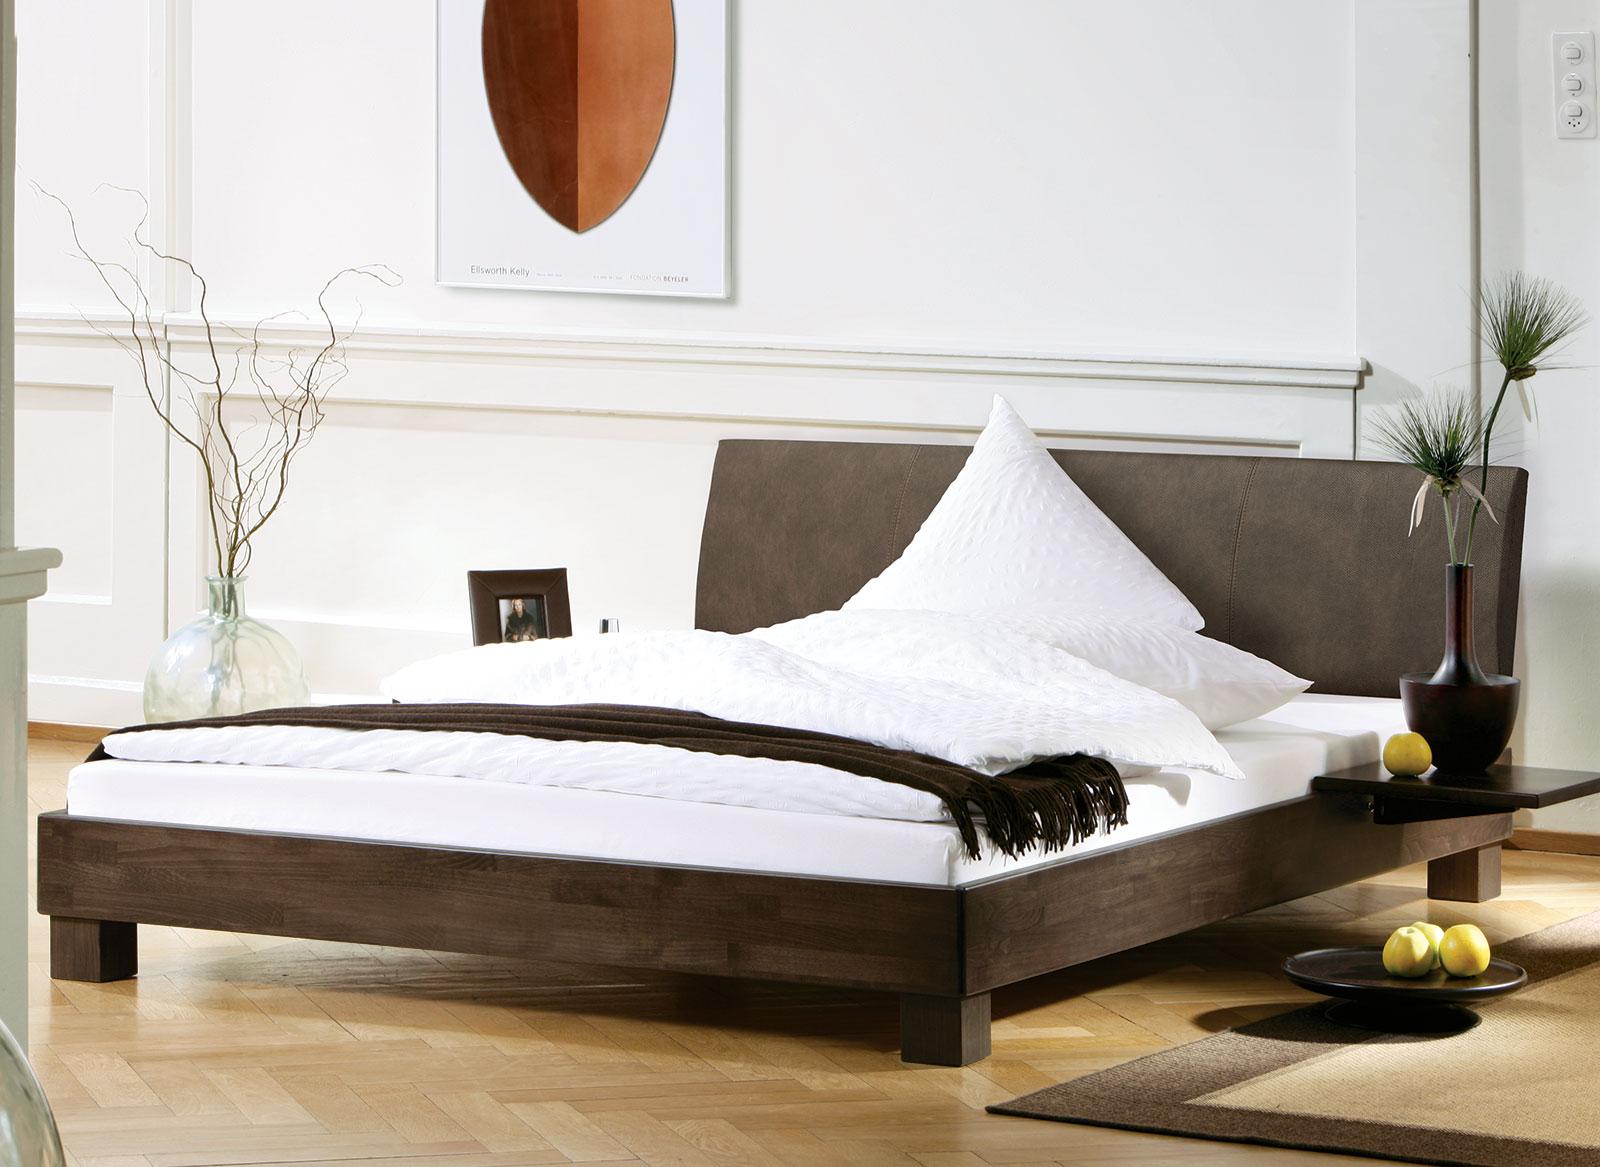 Bett mit Lehne aus Luxus-Kunstleder günstig kaufen - Marbella